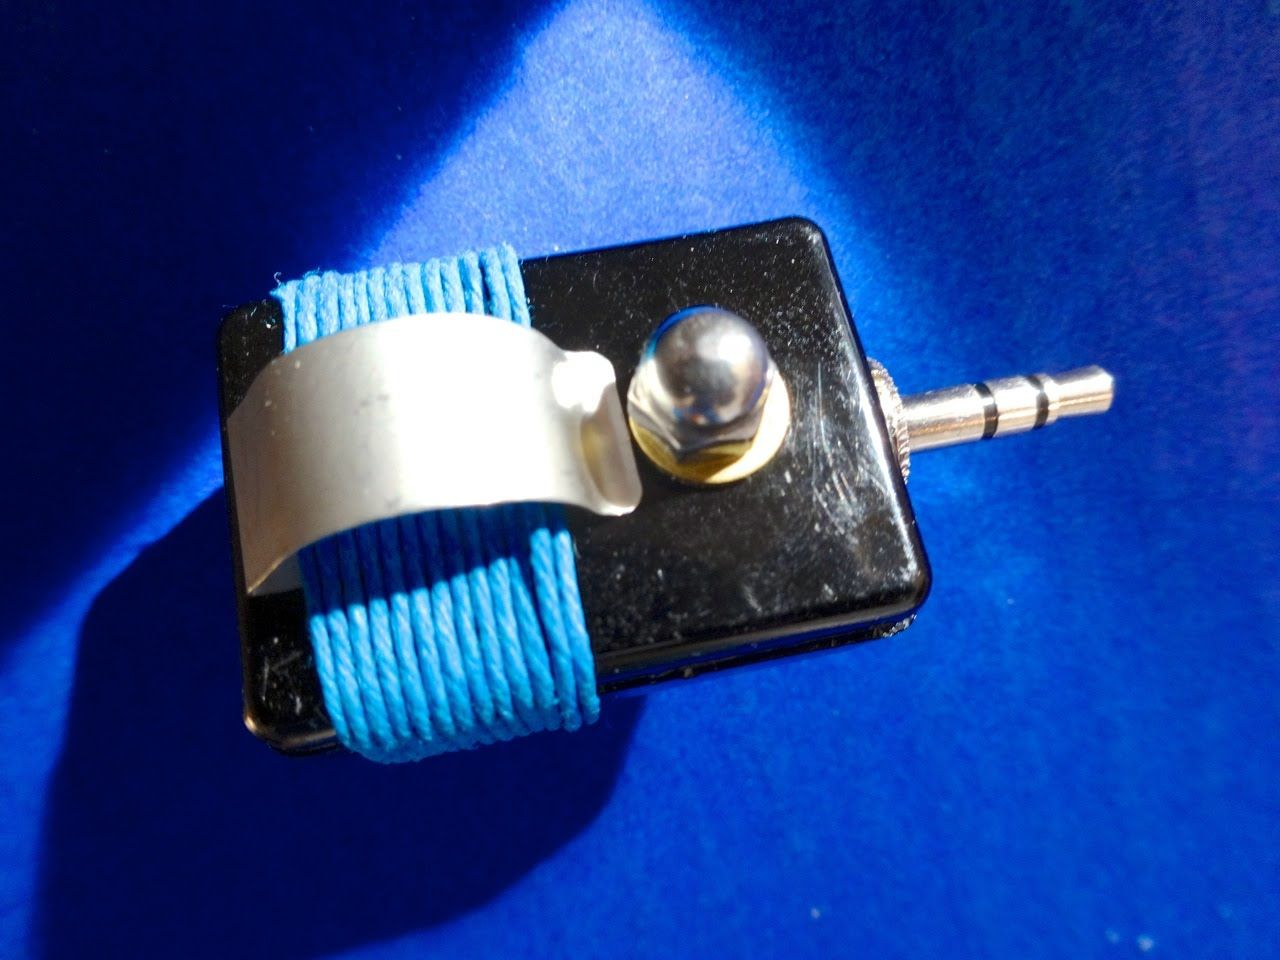 Pin by Steve wGØAT on Telegraph Keys & Paddles - Morse Code